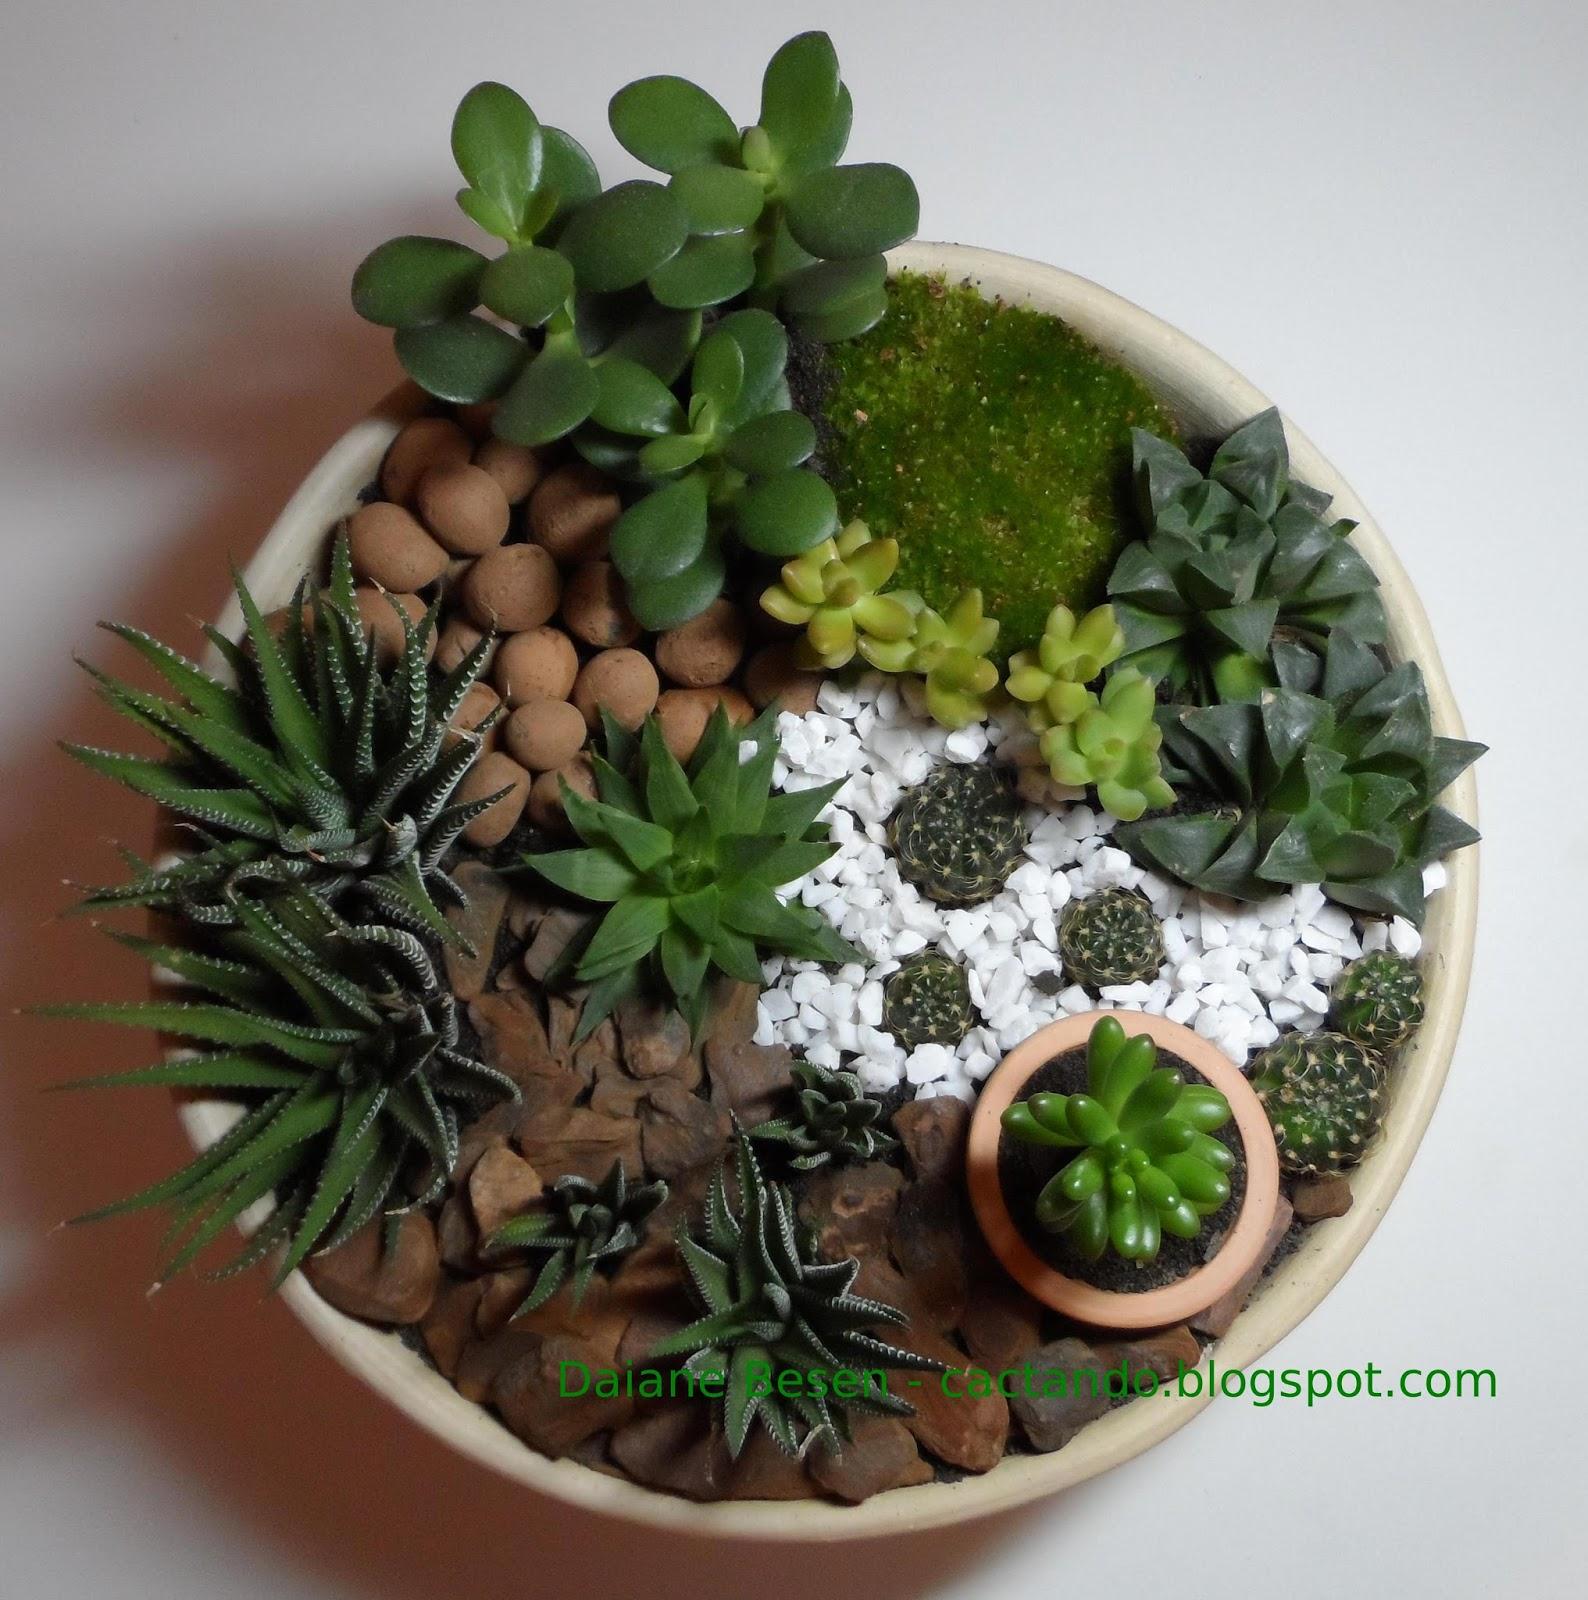 demorou mas fiz um mini jardim em um vaso de cerâmica não podia